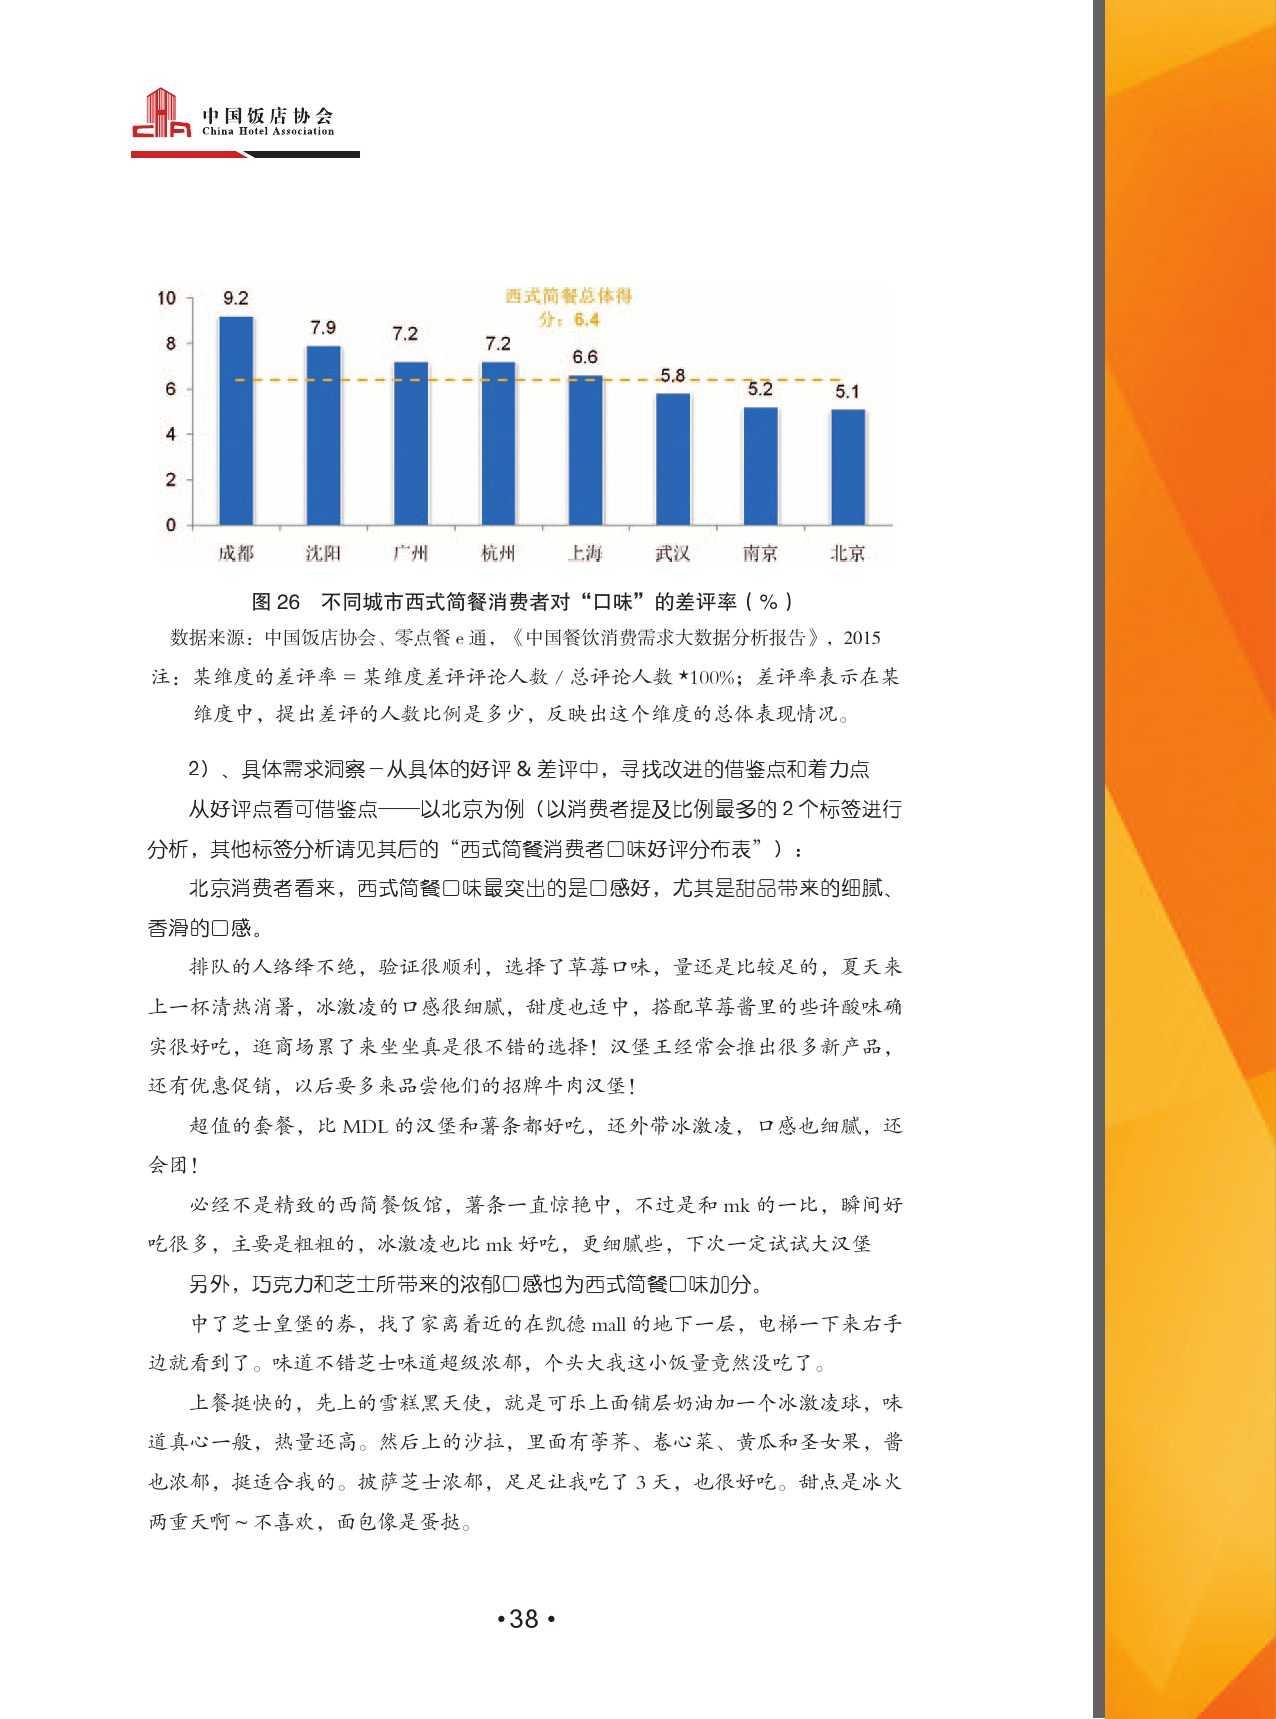 2015中国餐饮消费需求大数据分析报告_000040